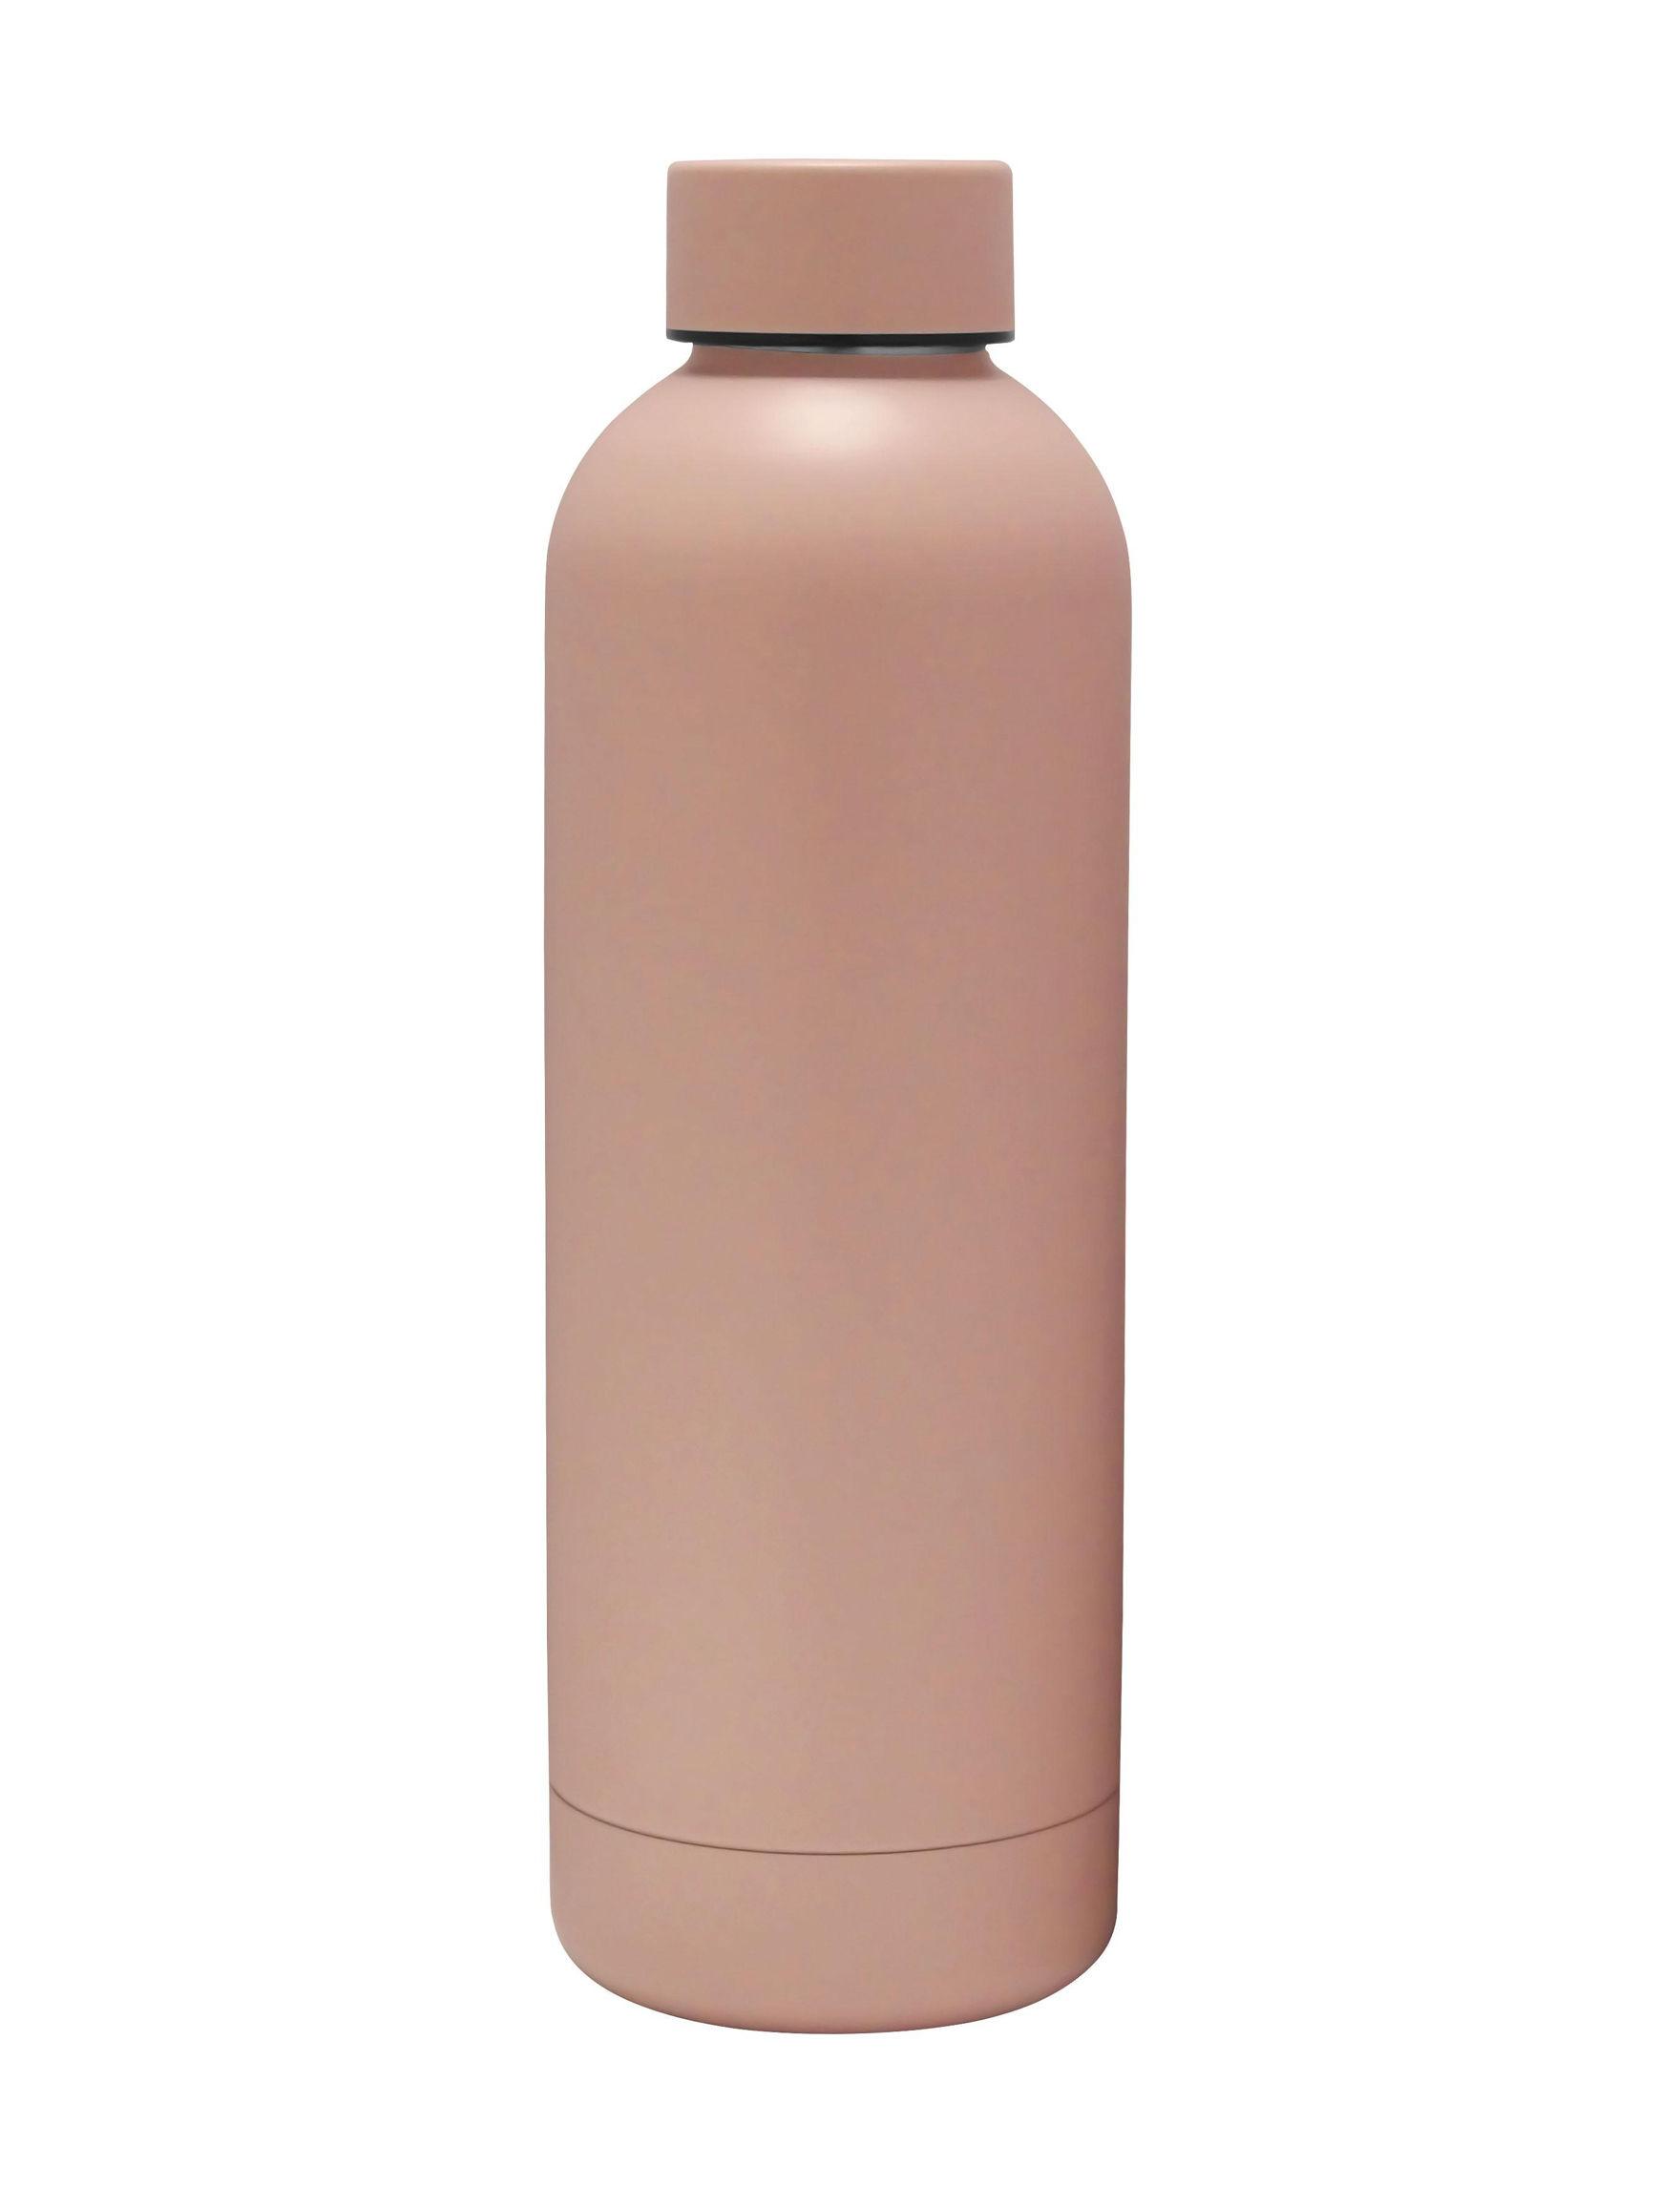 Gourmet Home Blush Water Bottles Drinkware